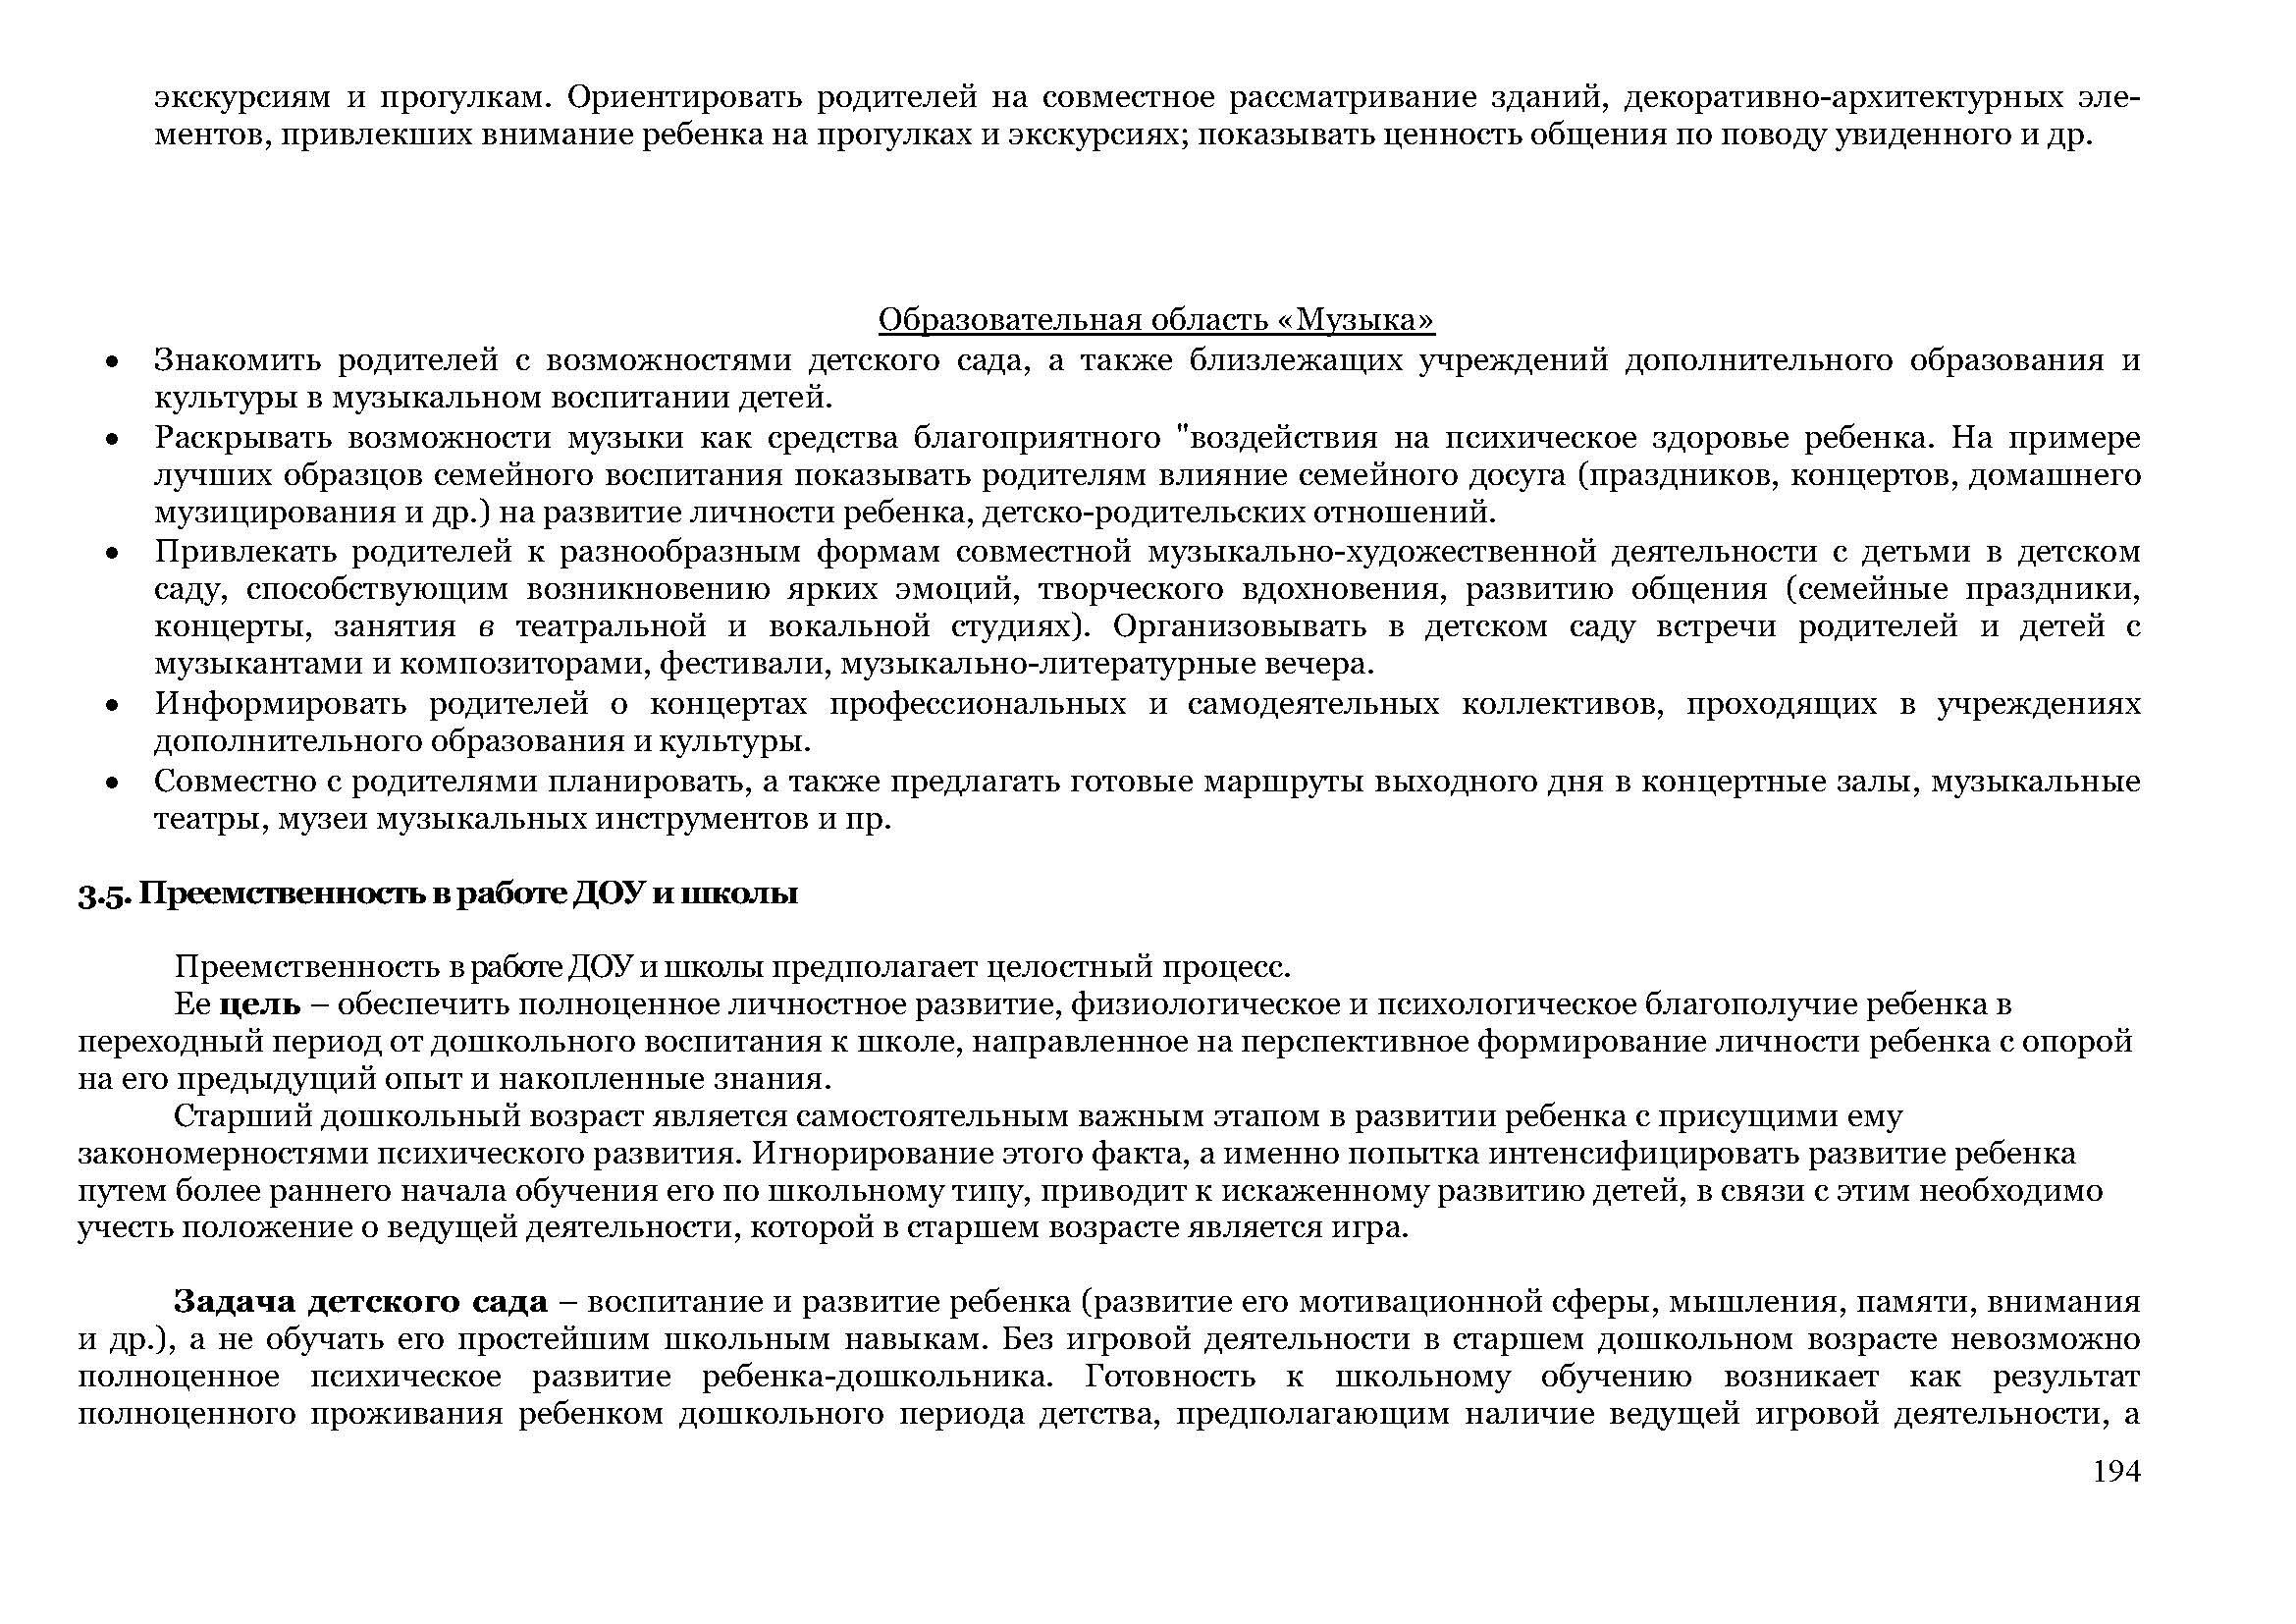 образовательная_программа_Страница_194